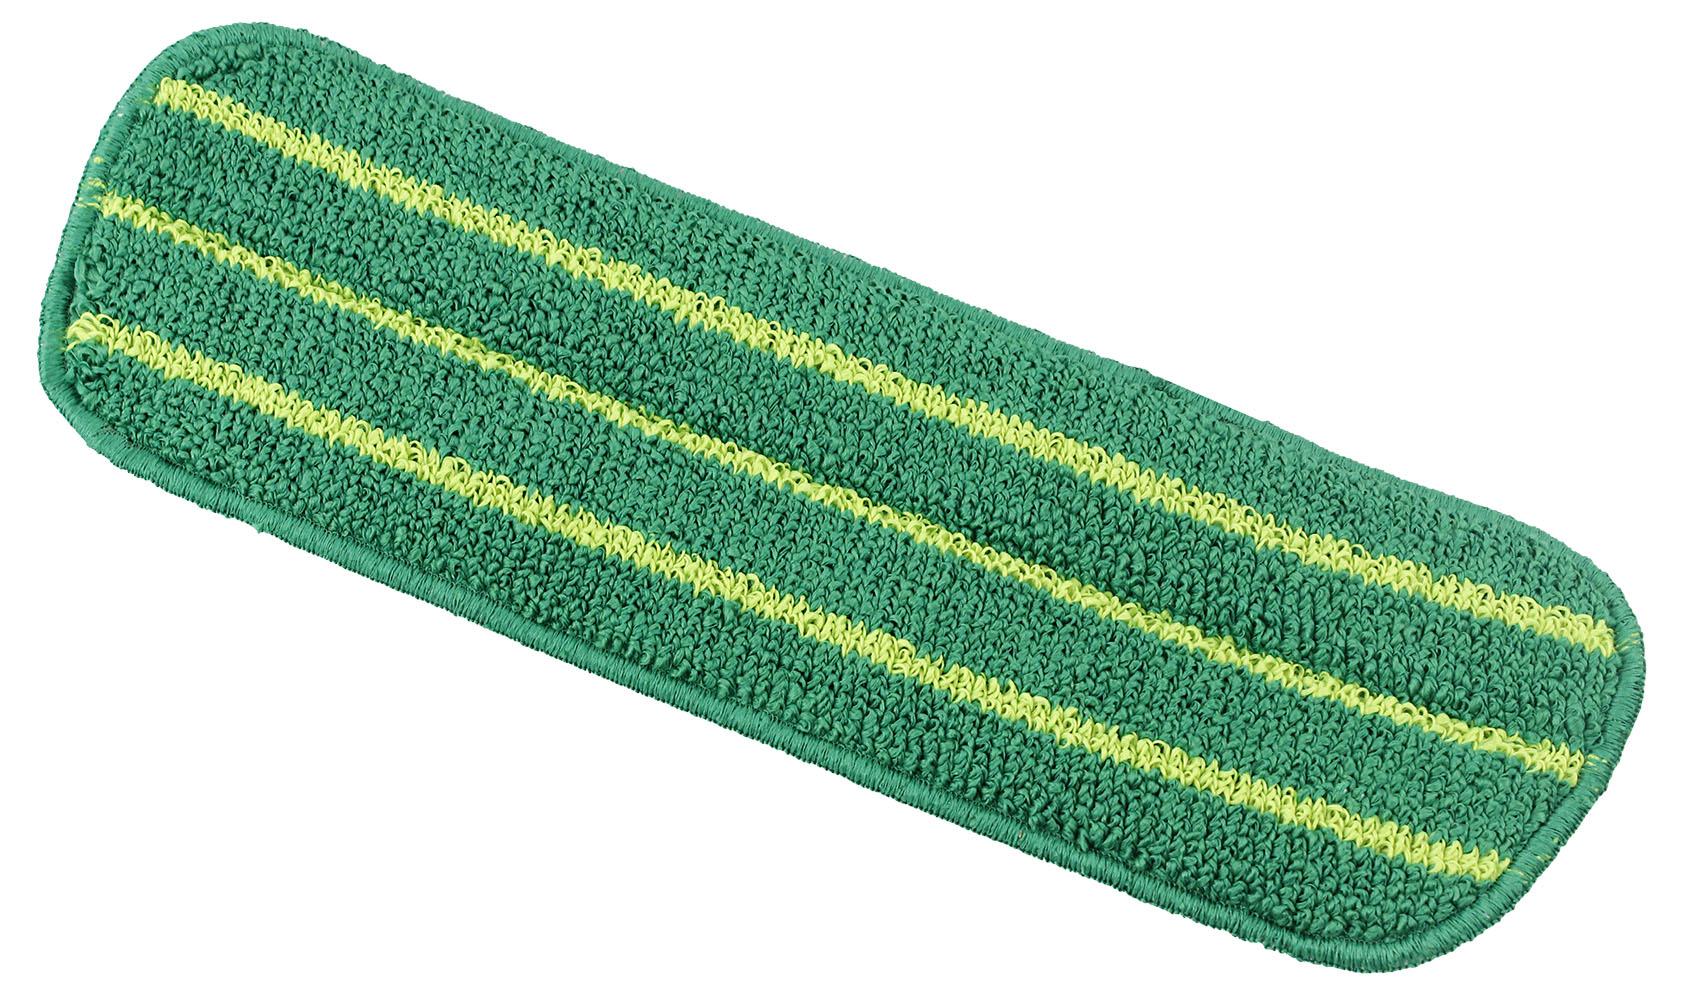 Насадка сменная Libman Freedom для швабры, ширина 40 см. 4003WT494Сменная насадка Libman Freedom, выполненная из микрофибры, станет незаменимым атрибутом любой уборки.Высокая очищающая сила активного волокна позволяет быстро и эффективно ухаживать за всеми видами полов. Насадка подходит для сухой и влажной уборки. Можно стирать в стиральной машине. Характеристики:Материал: микрофибра (100% полиэстер). Цвет: белый, зеленый. Размер насадки: 40 см х 13 см. Артикул: 4003.Компания Libman основана в 1896 году выходцем из Латвии Вильемом Либманом, задавшимся целью создавать высококачественные и долговечные изделия для уборки - веники, из сельскохозяйственных отходов и стеблей сорго. Унаследовавшие бизнес, сыновья Вильяма Либмана, не только сохранили компанию во время Великой депрессии, но укрепили и расширили ее. В 1980 году были введены новейшие технологии, позволившие компании стать одной из крупнейших в США по производству уборочного инвентаря.На сегодняшний день Libman - это компания с мировым именем, благодаря высокому качеству и разнообразию уборочного инвентаря, признана потребителями всего мира.